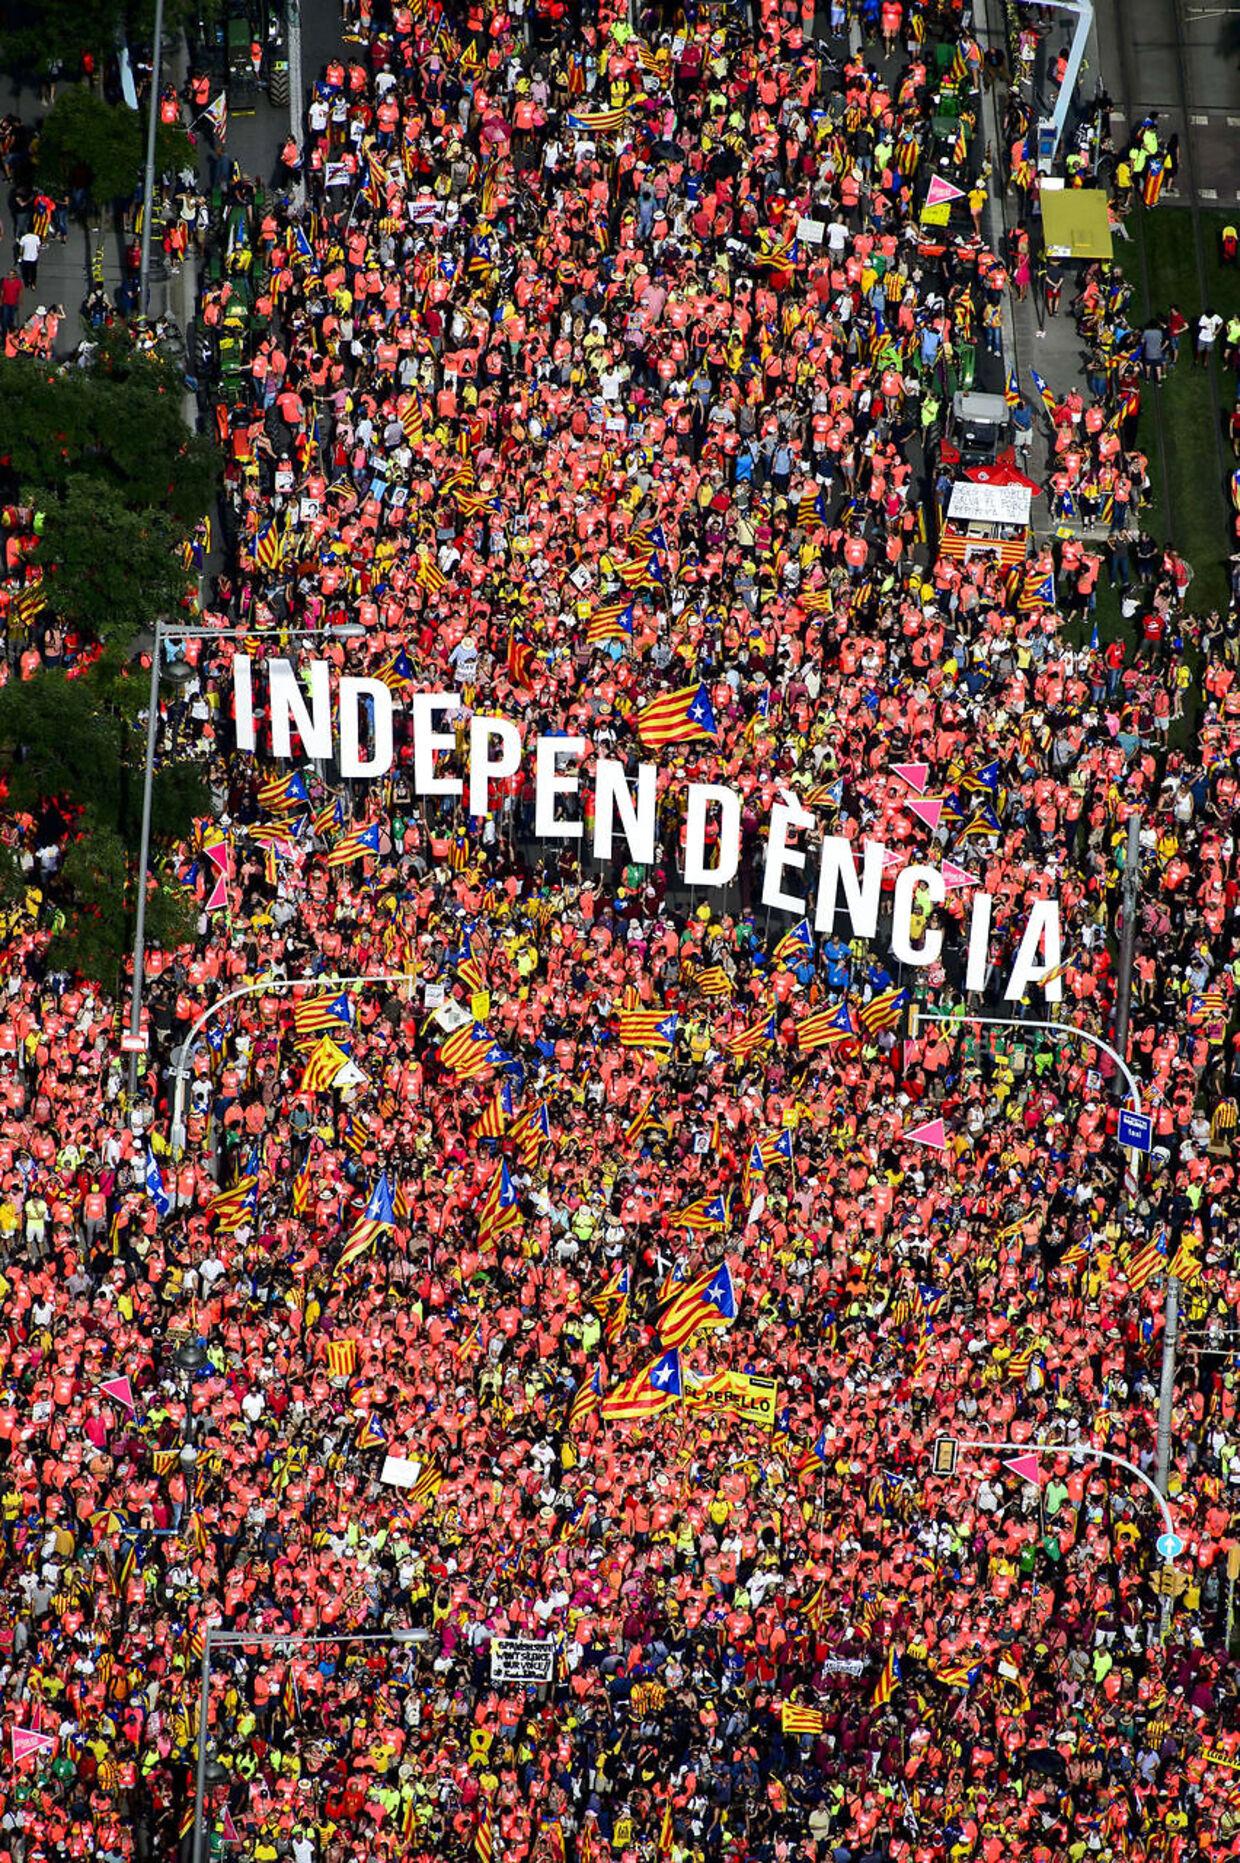 Omkring en million catalanere er tirsdag aften på gaden i Barcelona, siger politiet til AFP.